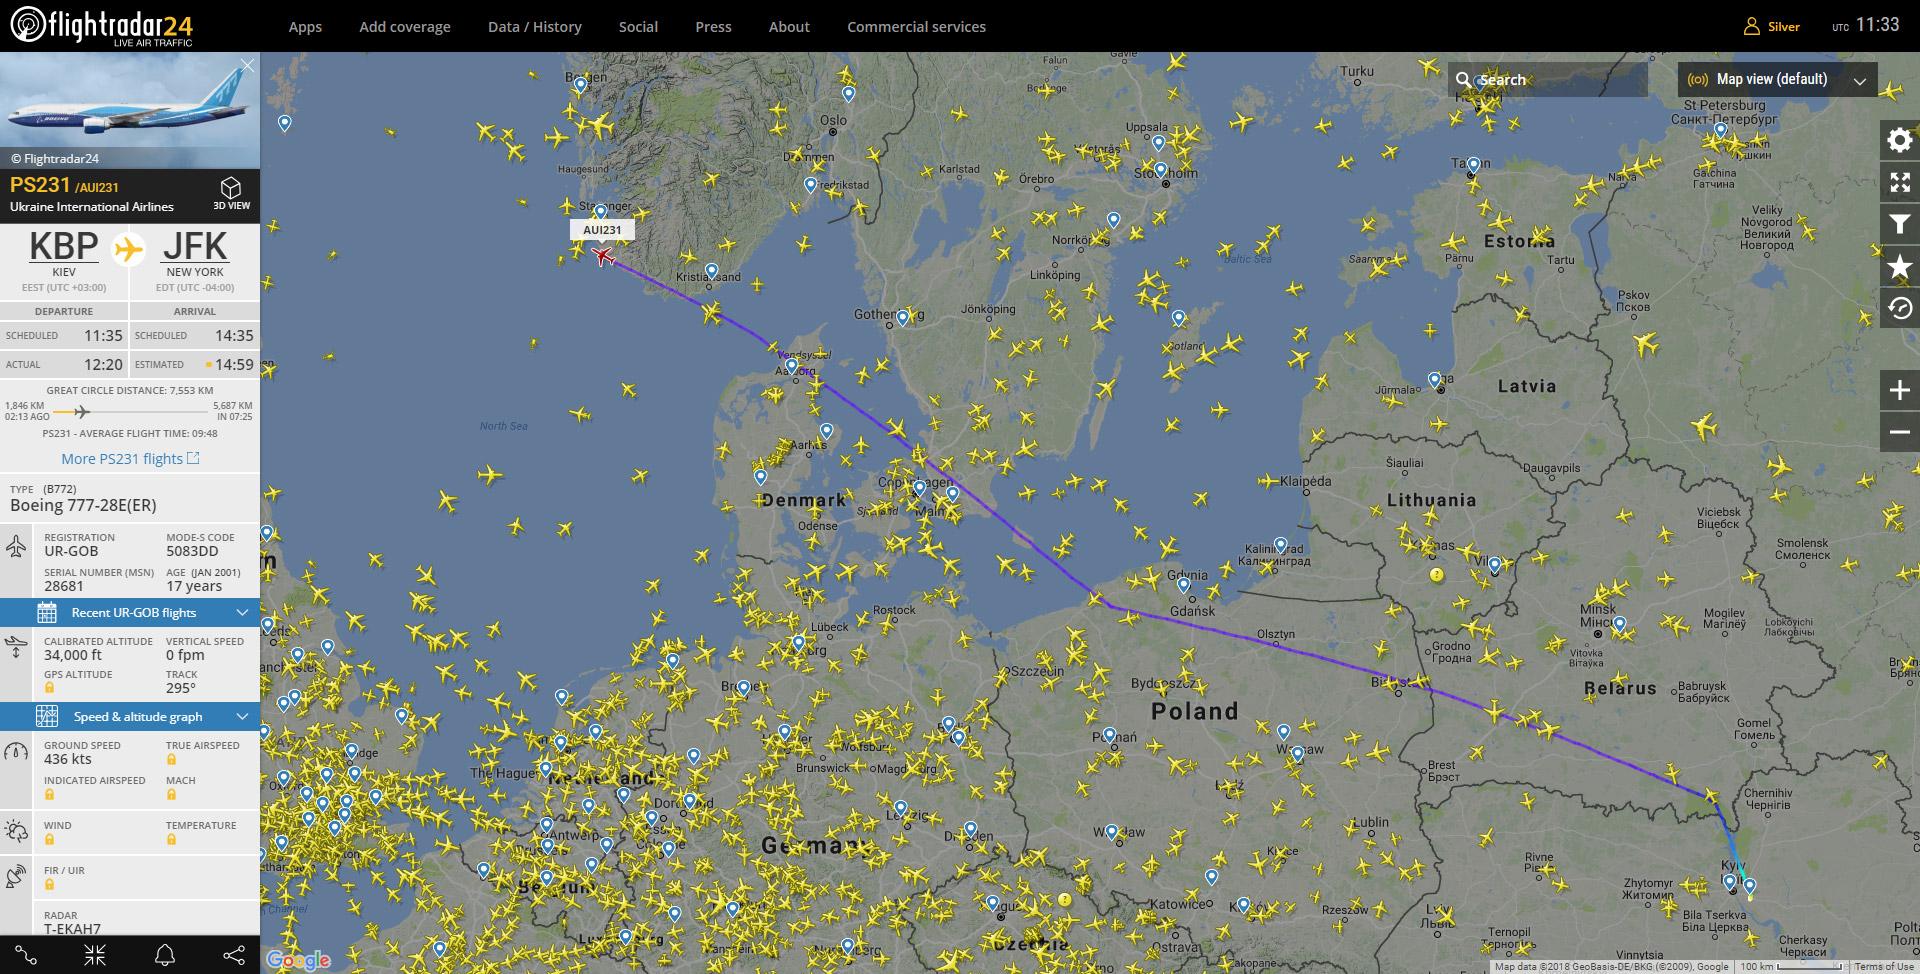 Boeing 777-200ER UR-GOB отправился в первый коммерческий рейс с пассажирами под позывными МАУ